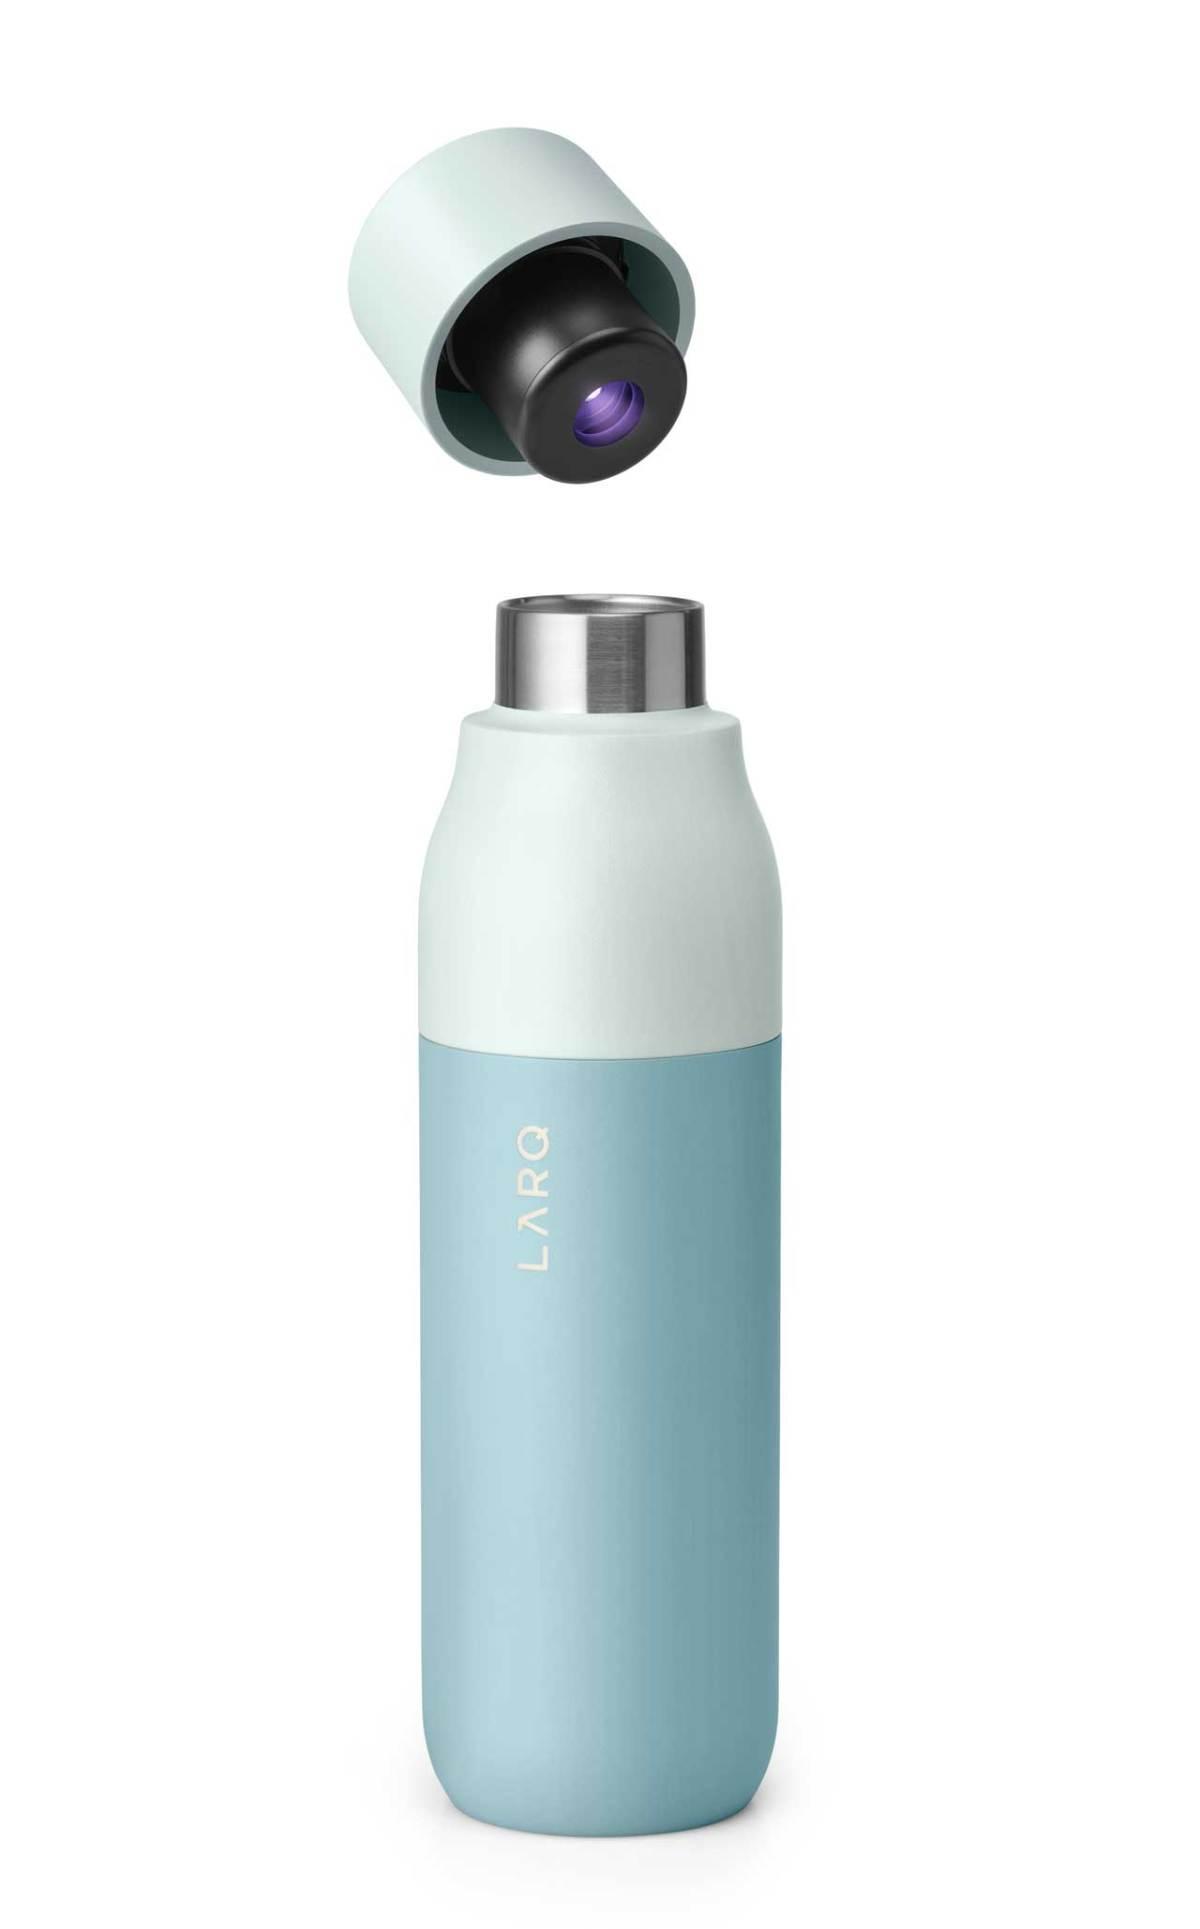 LARQ-Bottle-self-cleaning-water-bottle-21